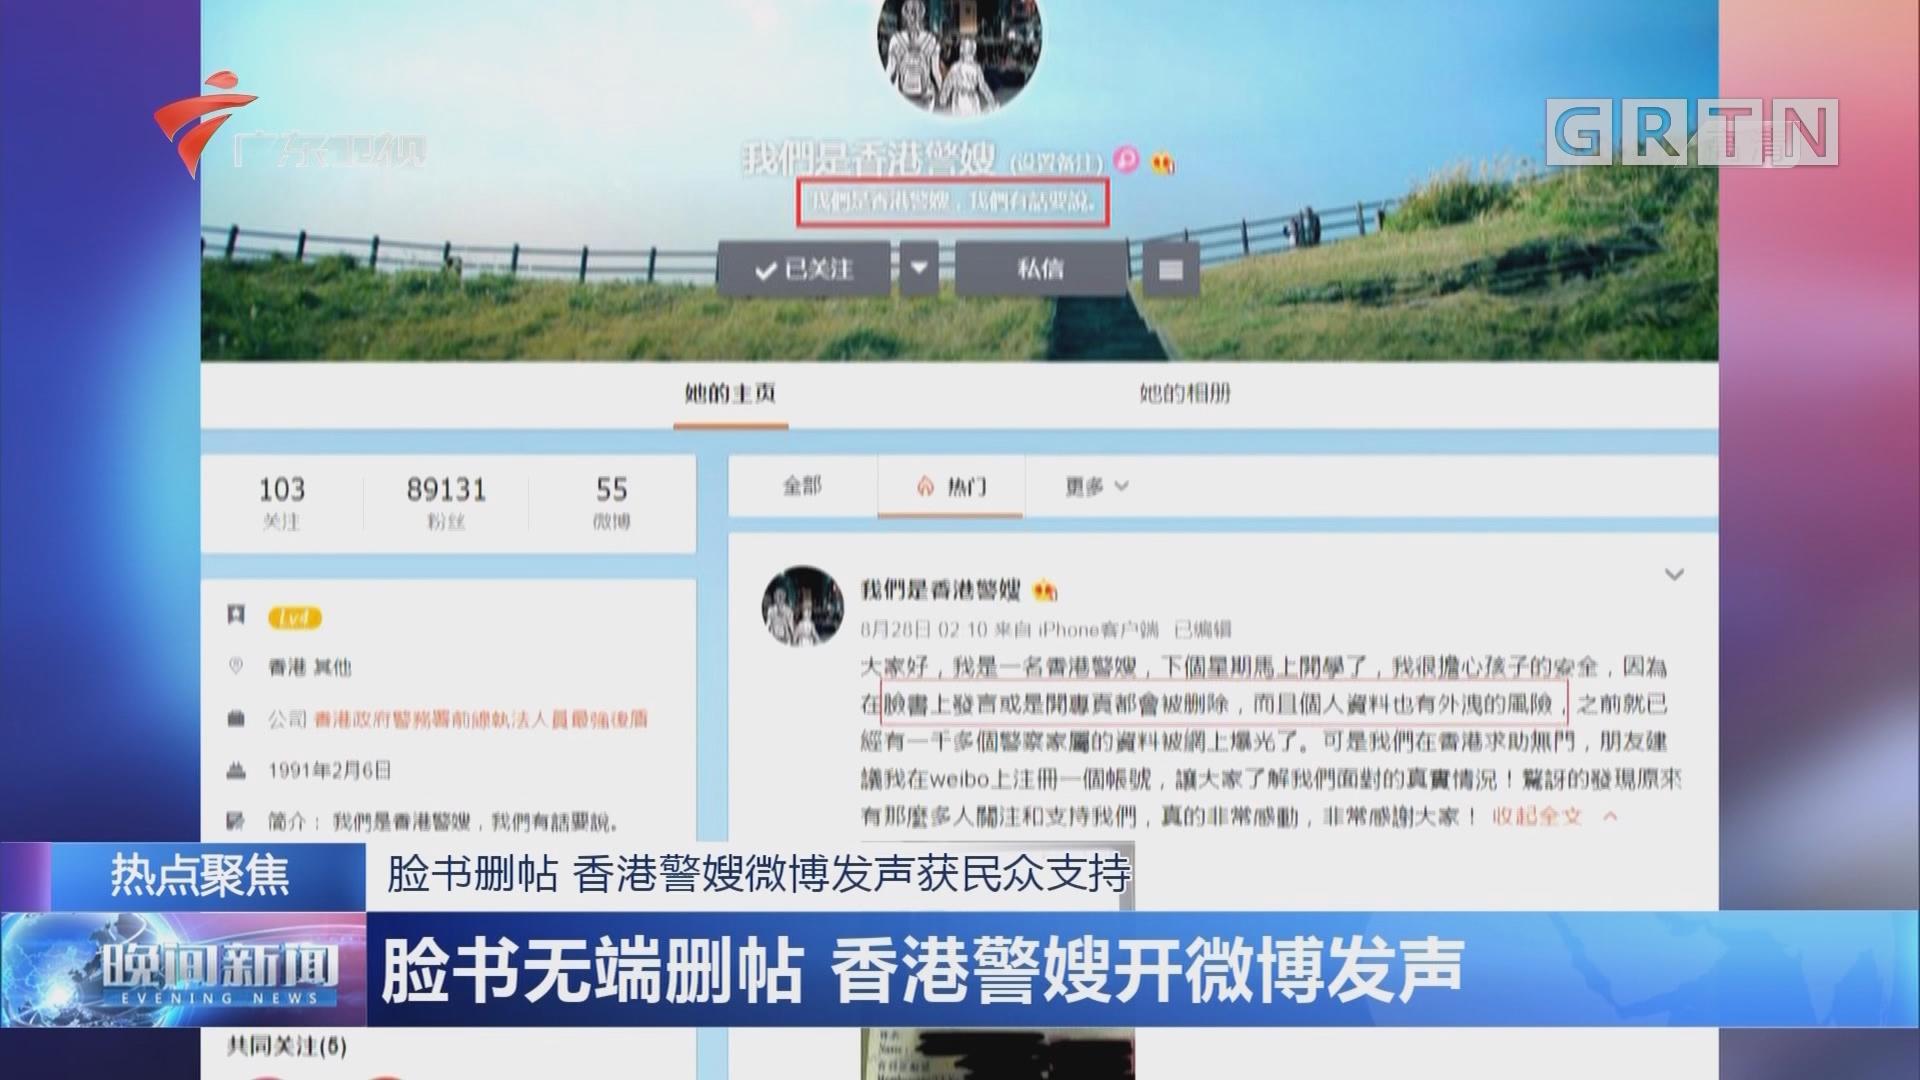 脸书删帖 香港警嫂微博发声获民众支持:脸书无端删帖 香港警嫂开微博发声